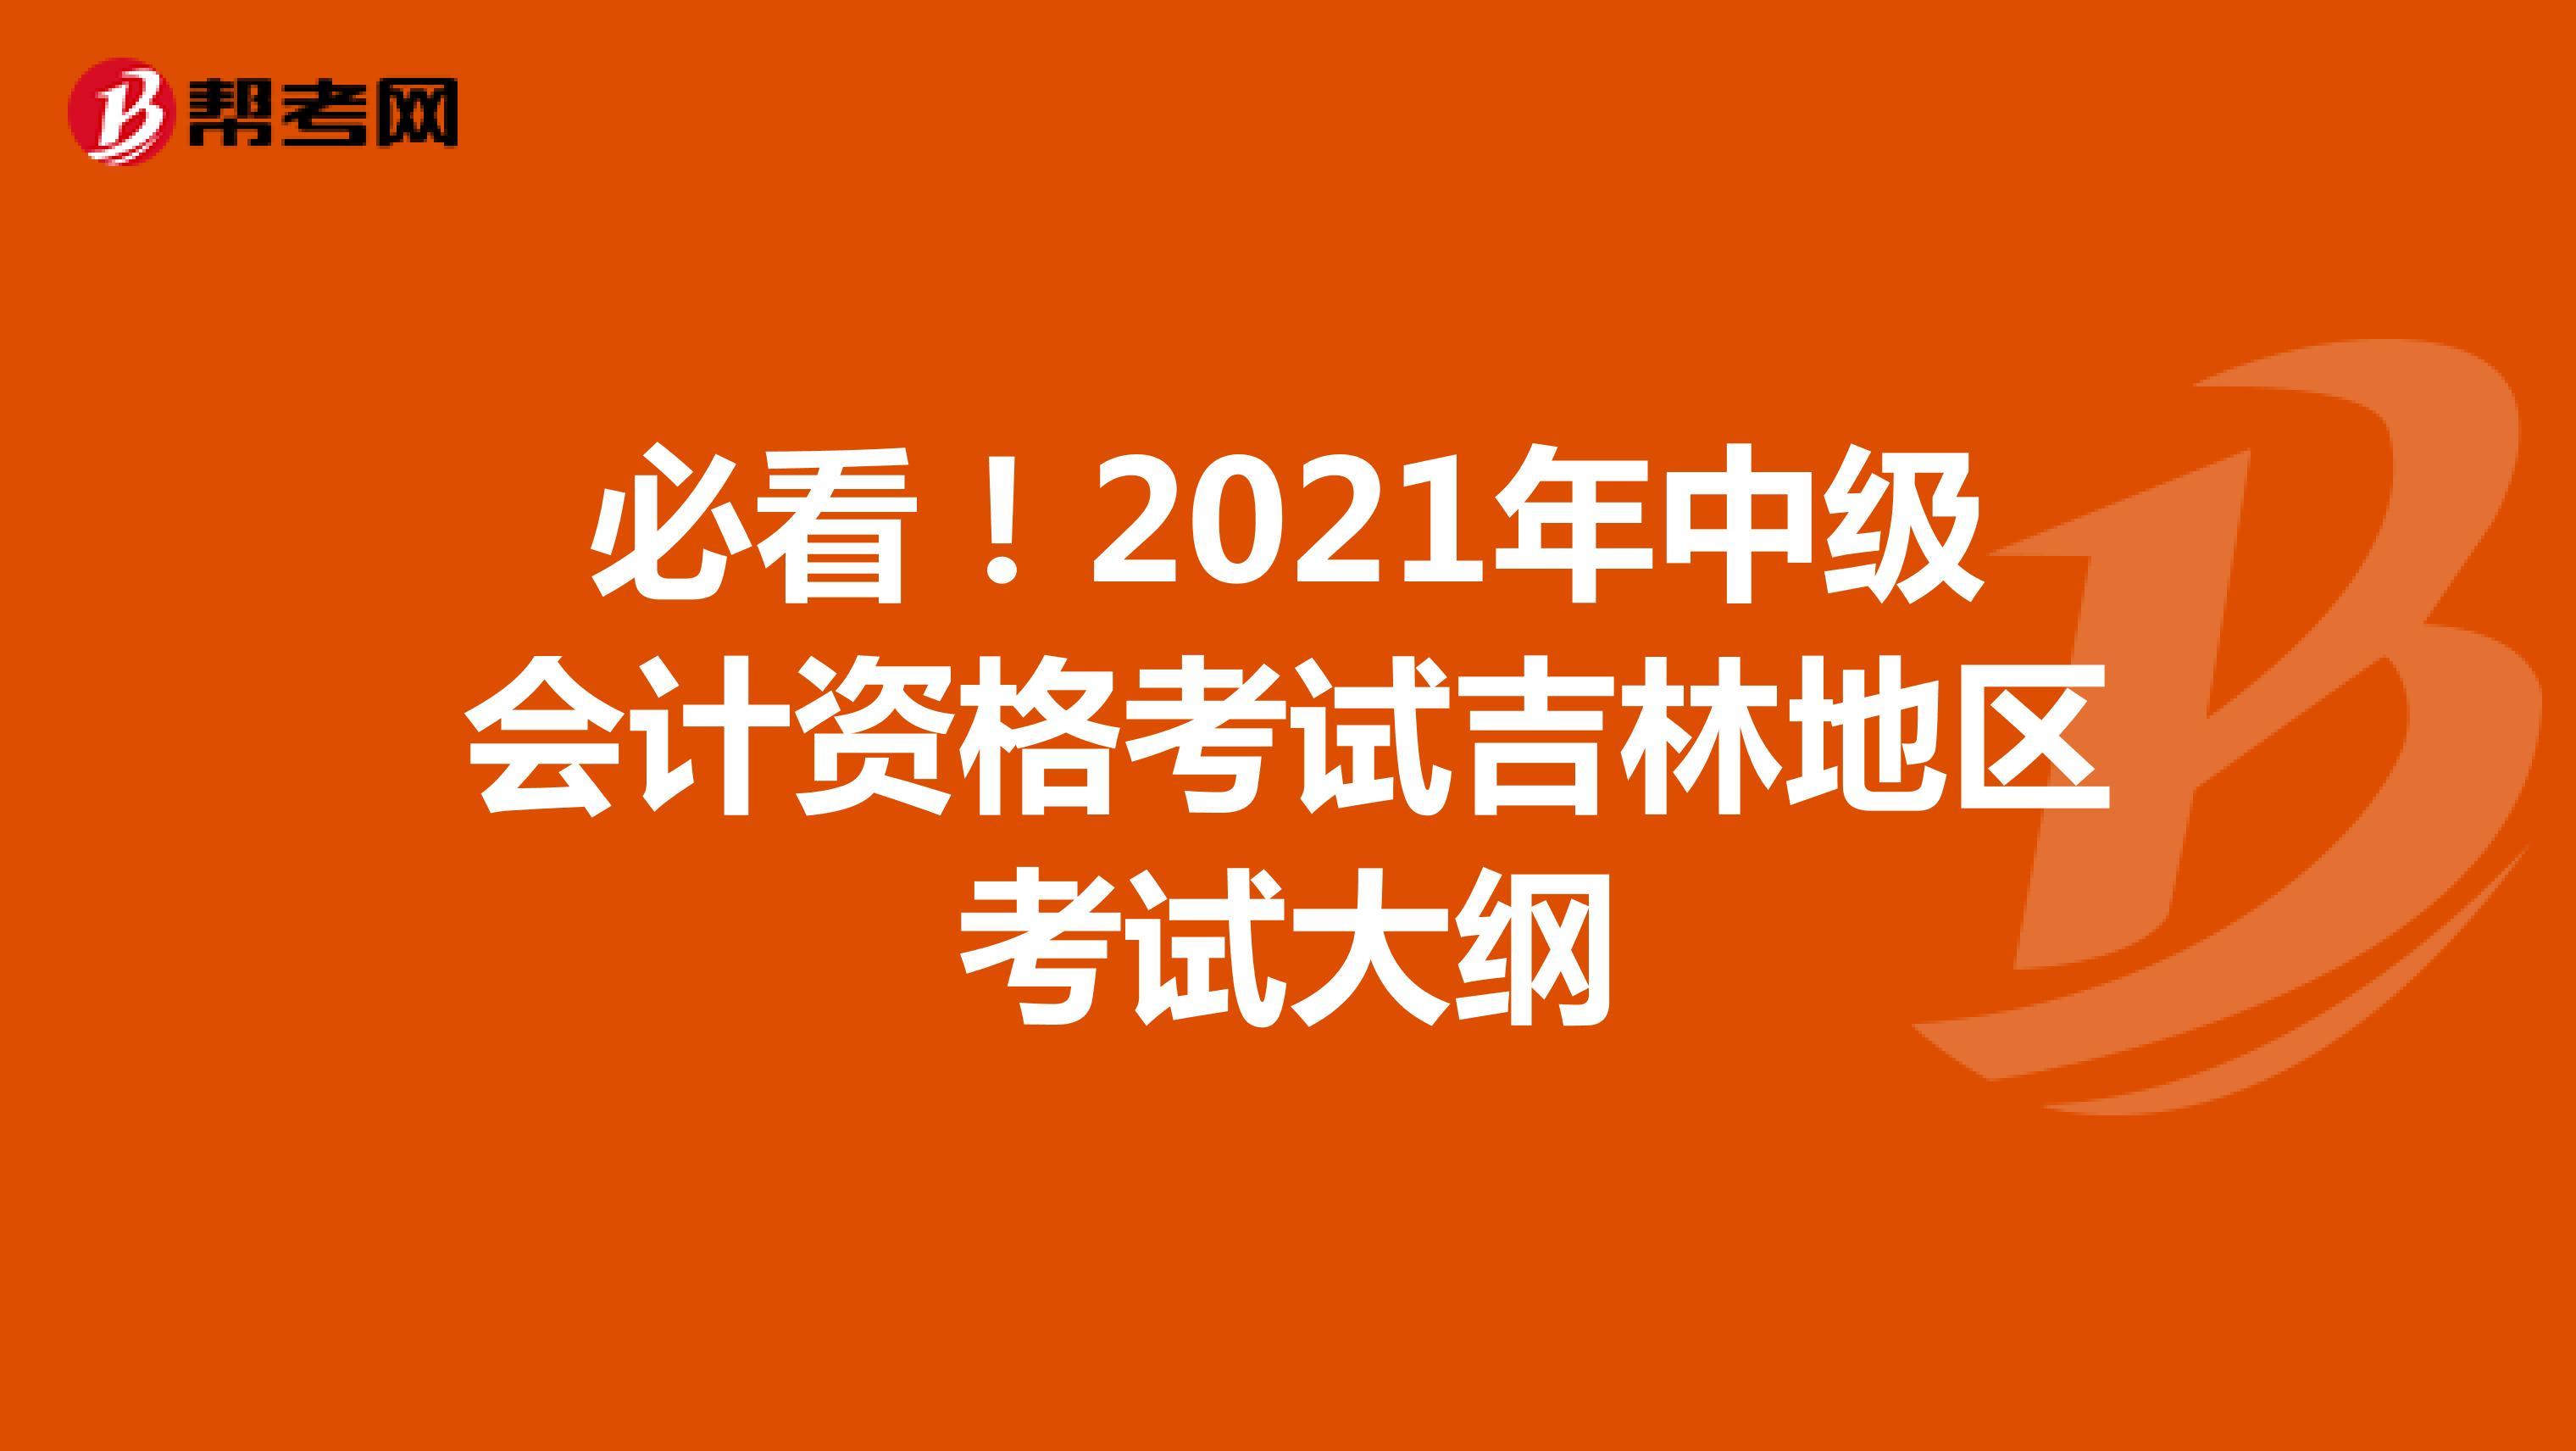 必看!2021年中级会计资格考试吉林地区考试大纲